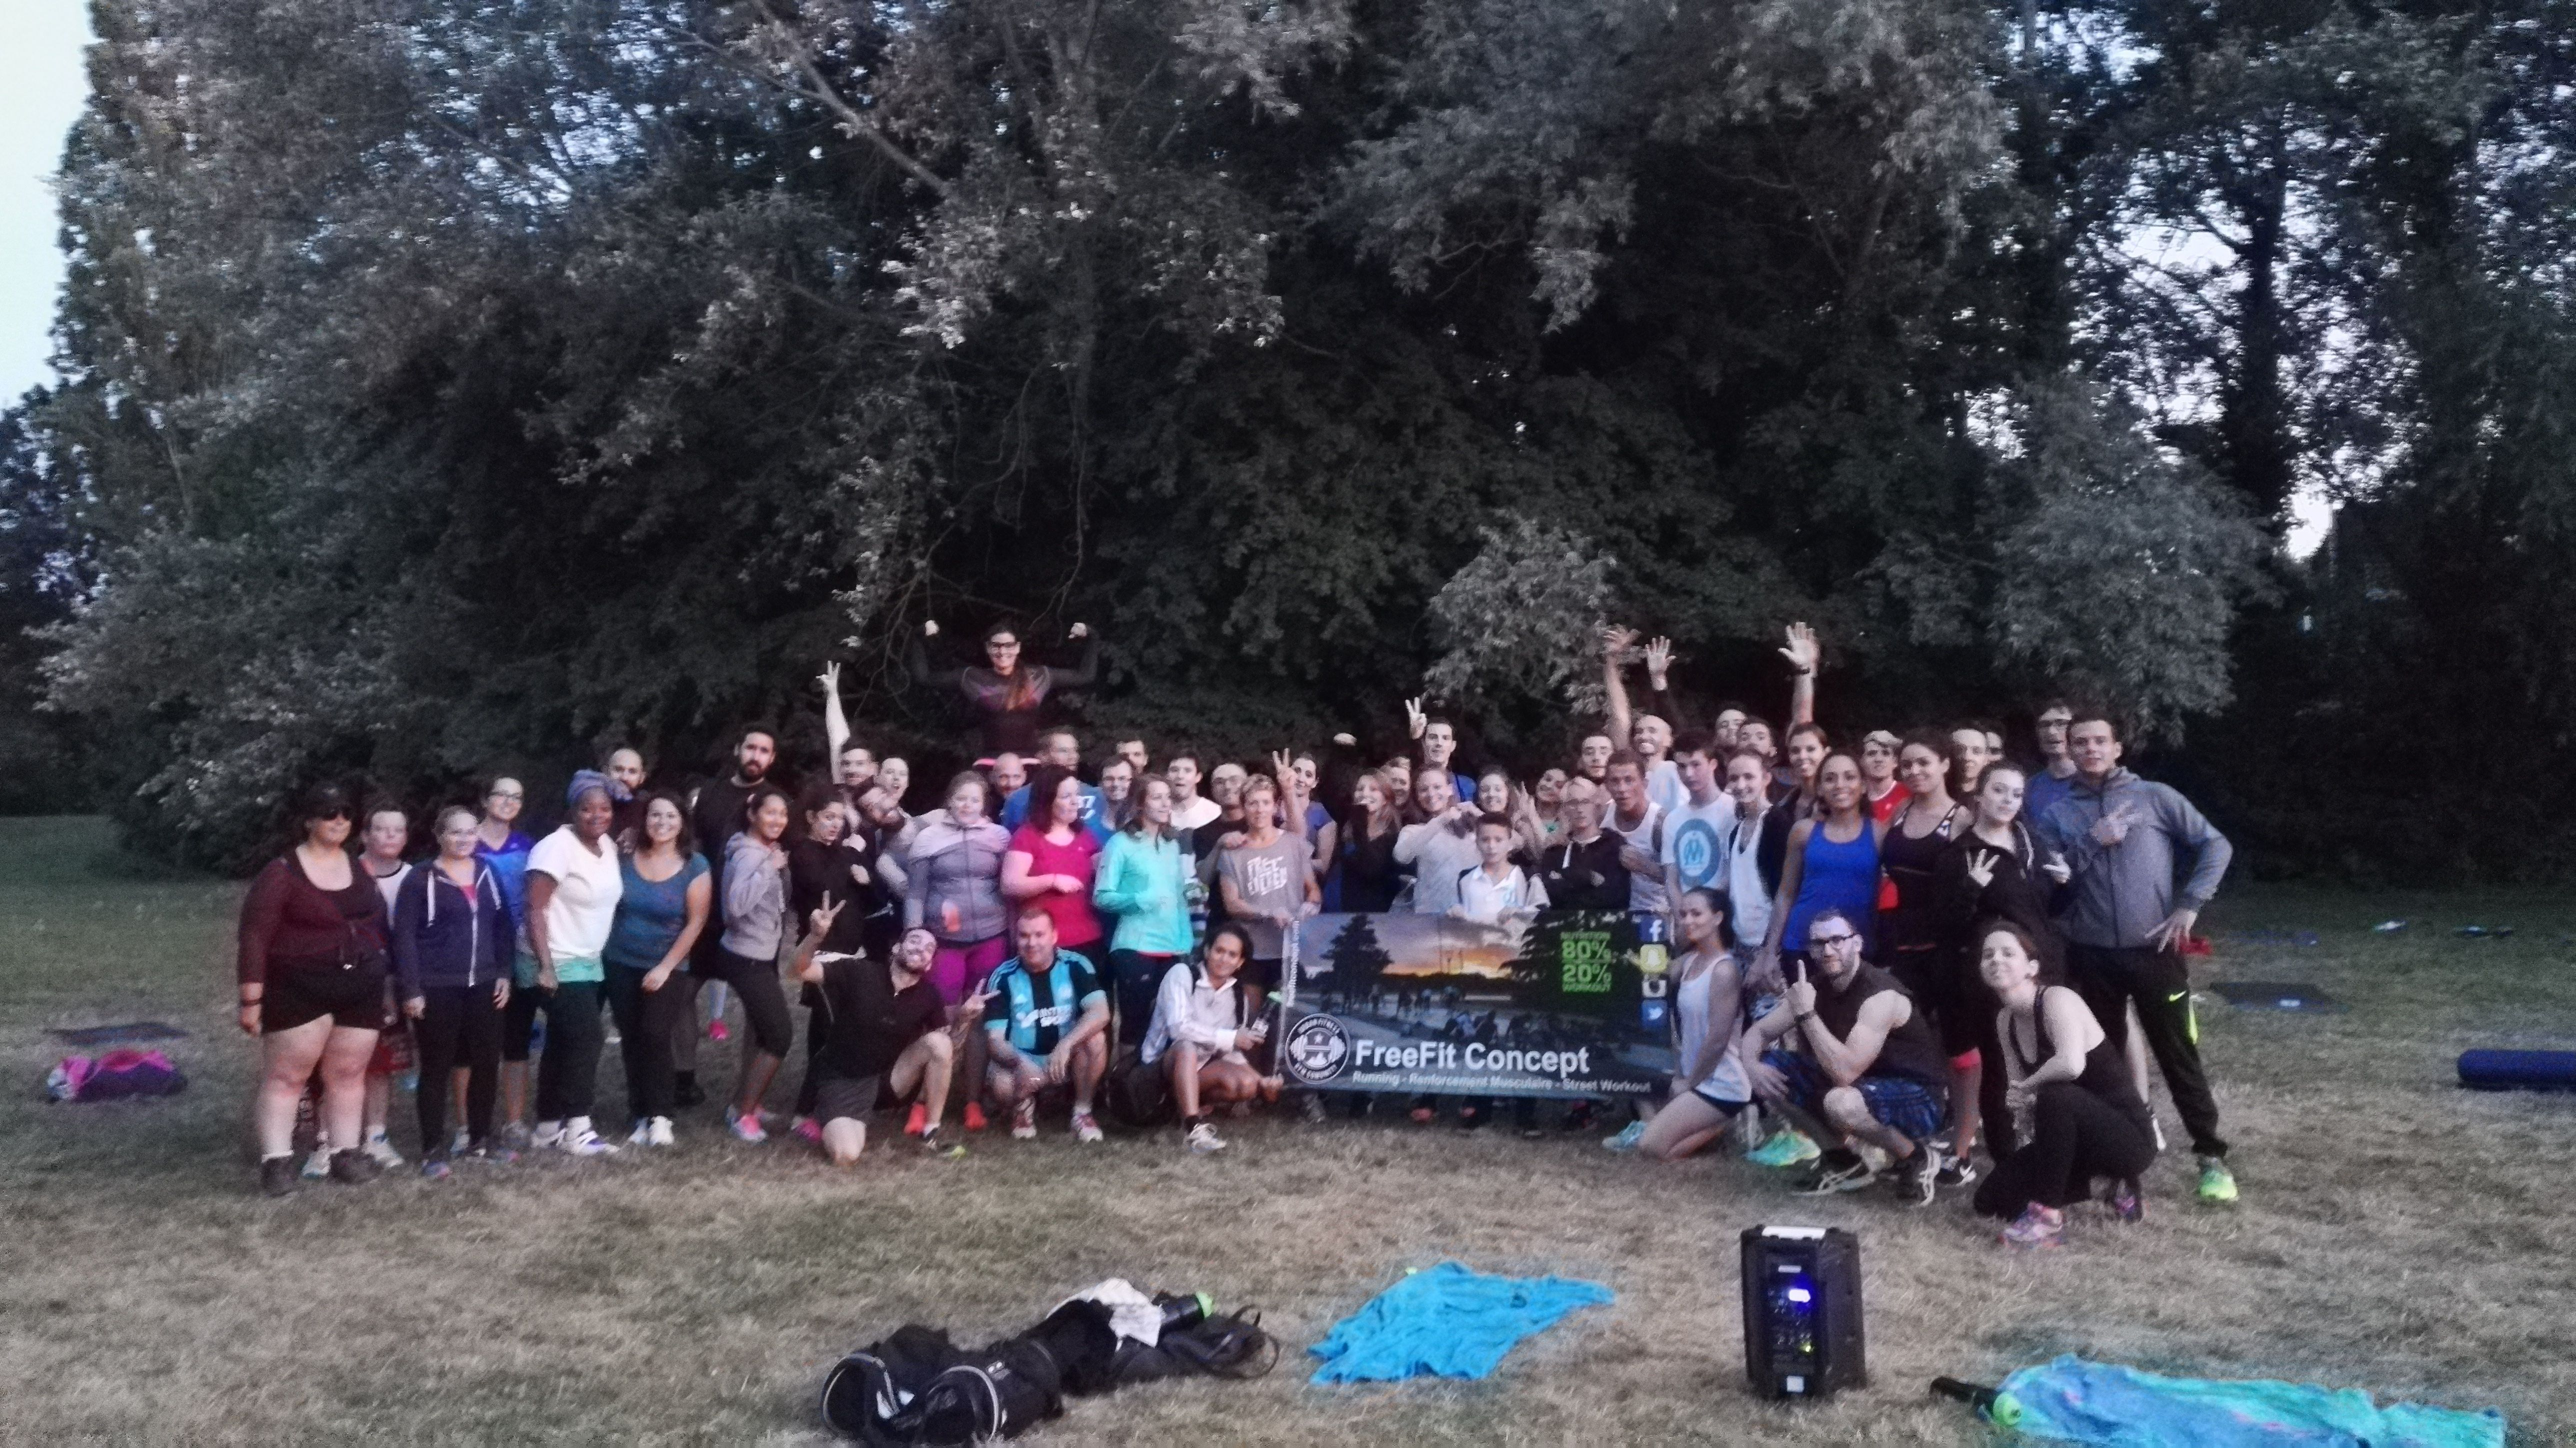 FreeFit Concept - Fit Challenge